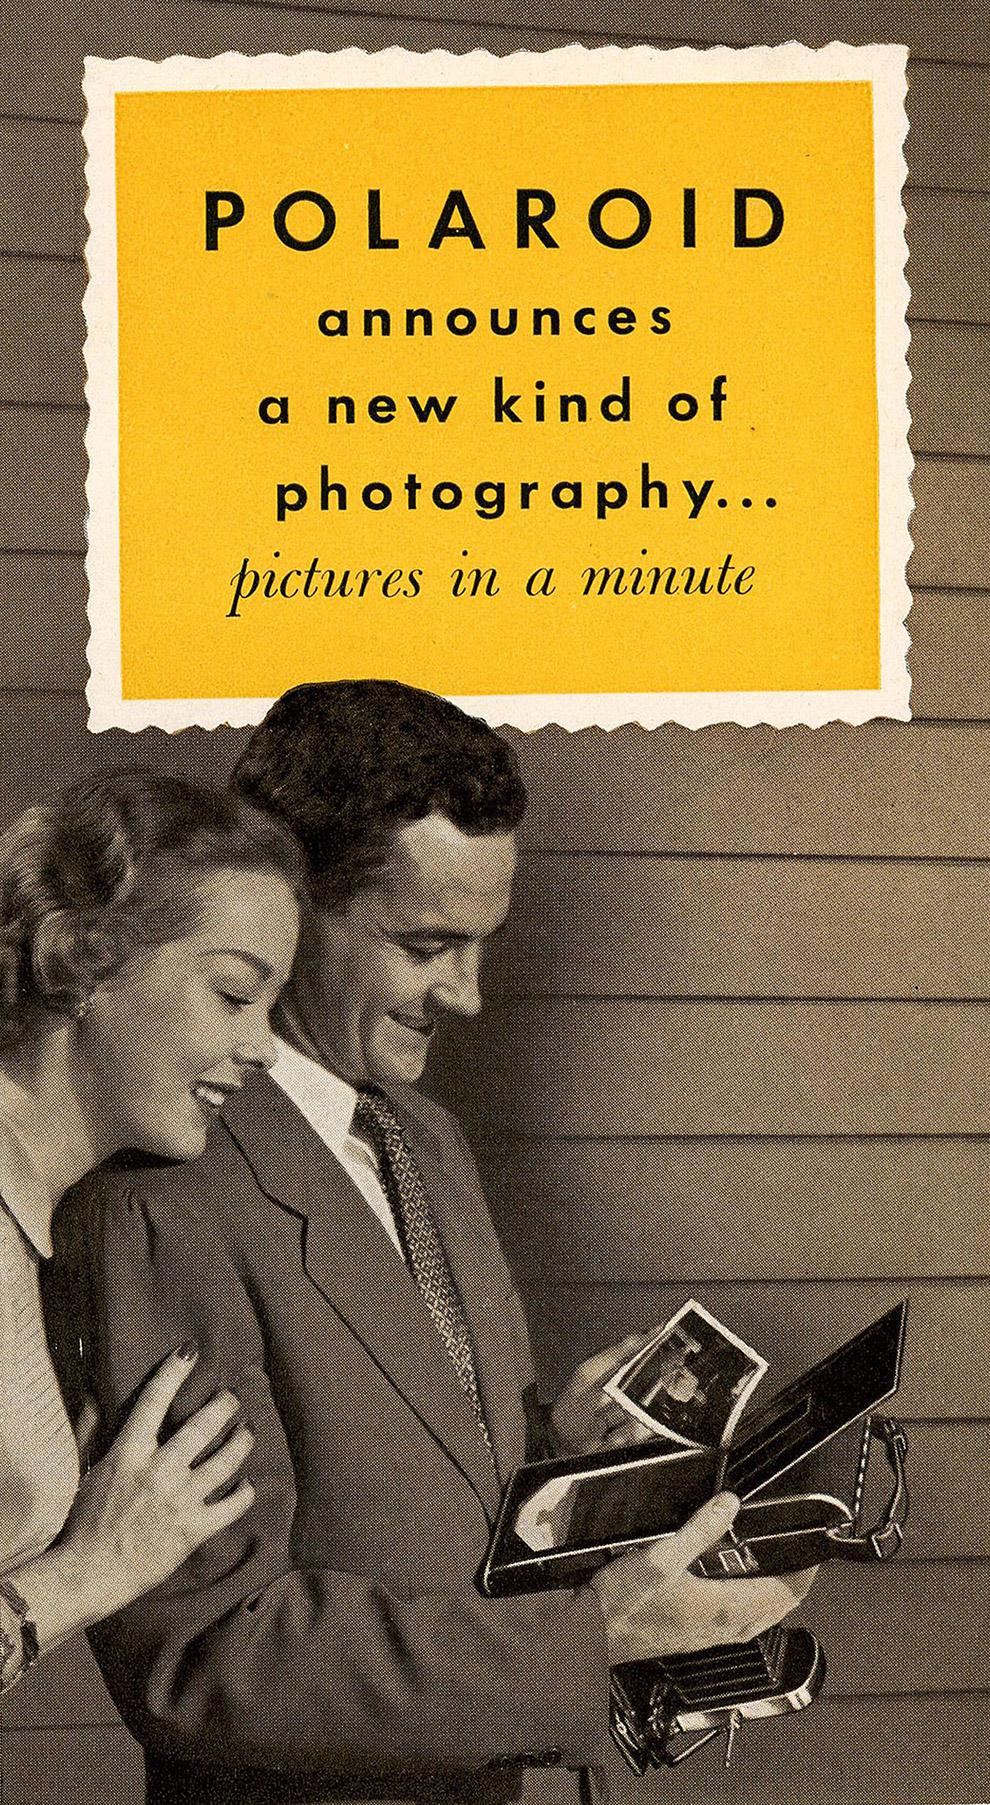 Вклад, сделанный Лэндом в область популяризации фотографии, нельзя преувеличить. В наши дни бла